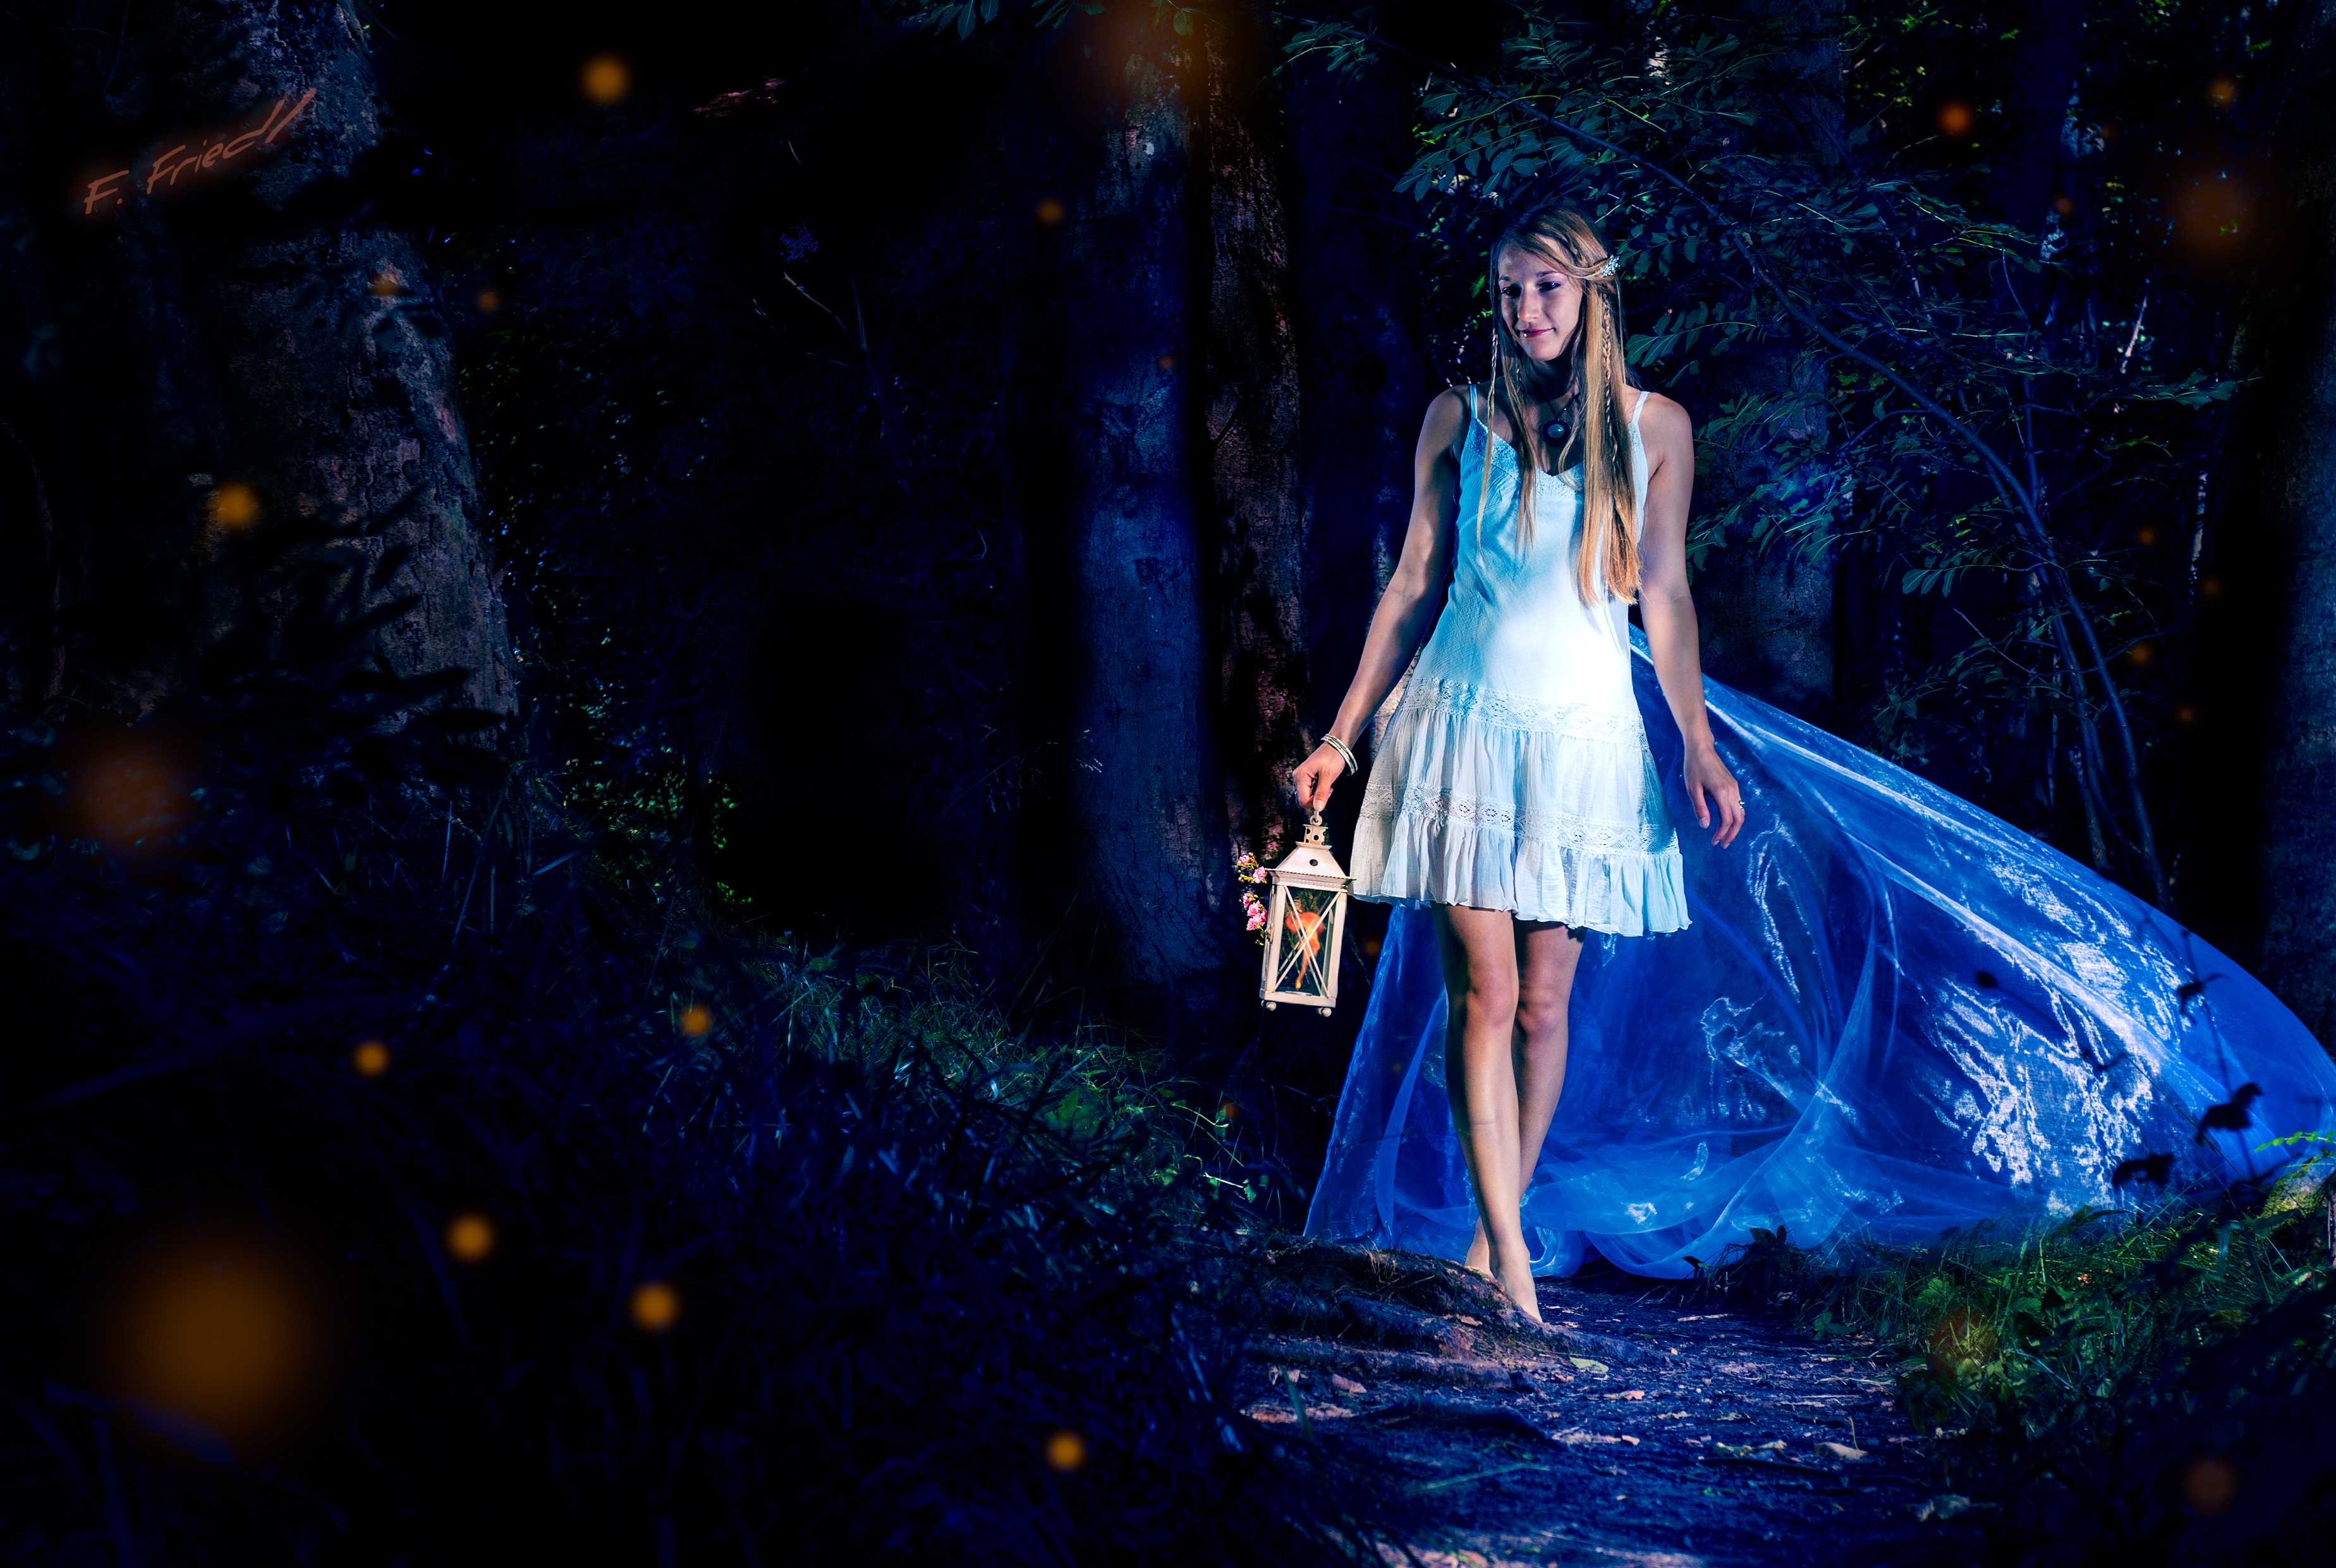 Week 27 - Fairy Tale